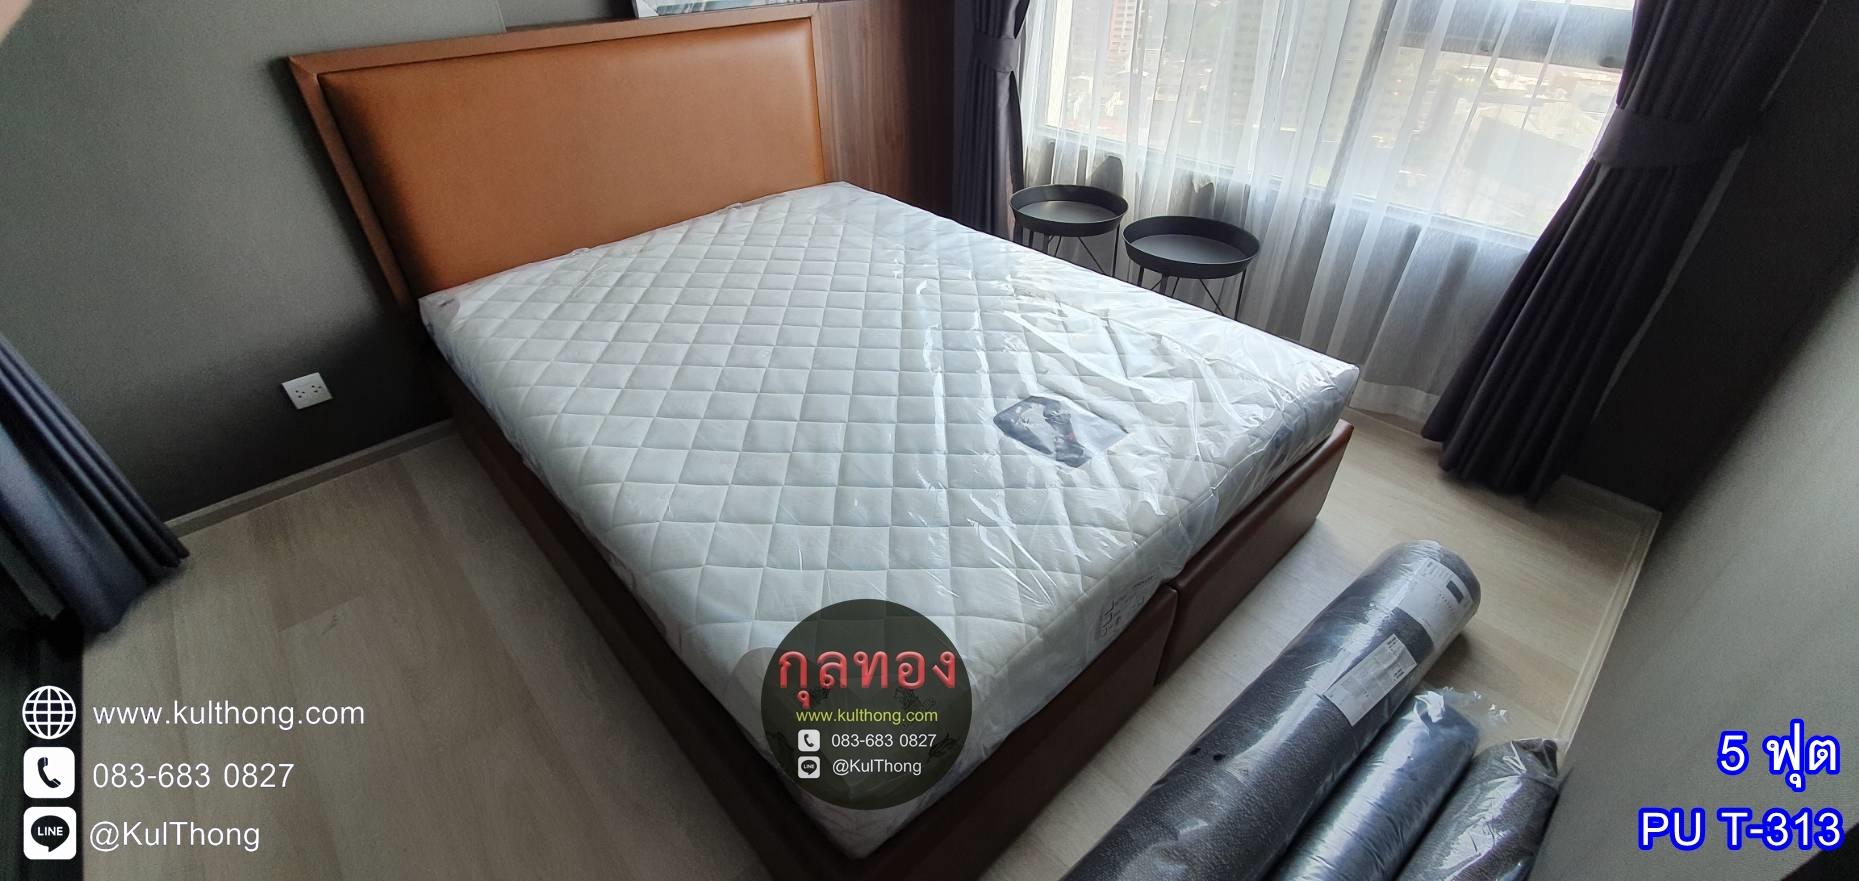 ฐานเตียงดีไซน์ ฐานเตียงแบบมีหัวเตียง เตียงสั่งทำ เตียงราคาโรงงาน